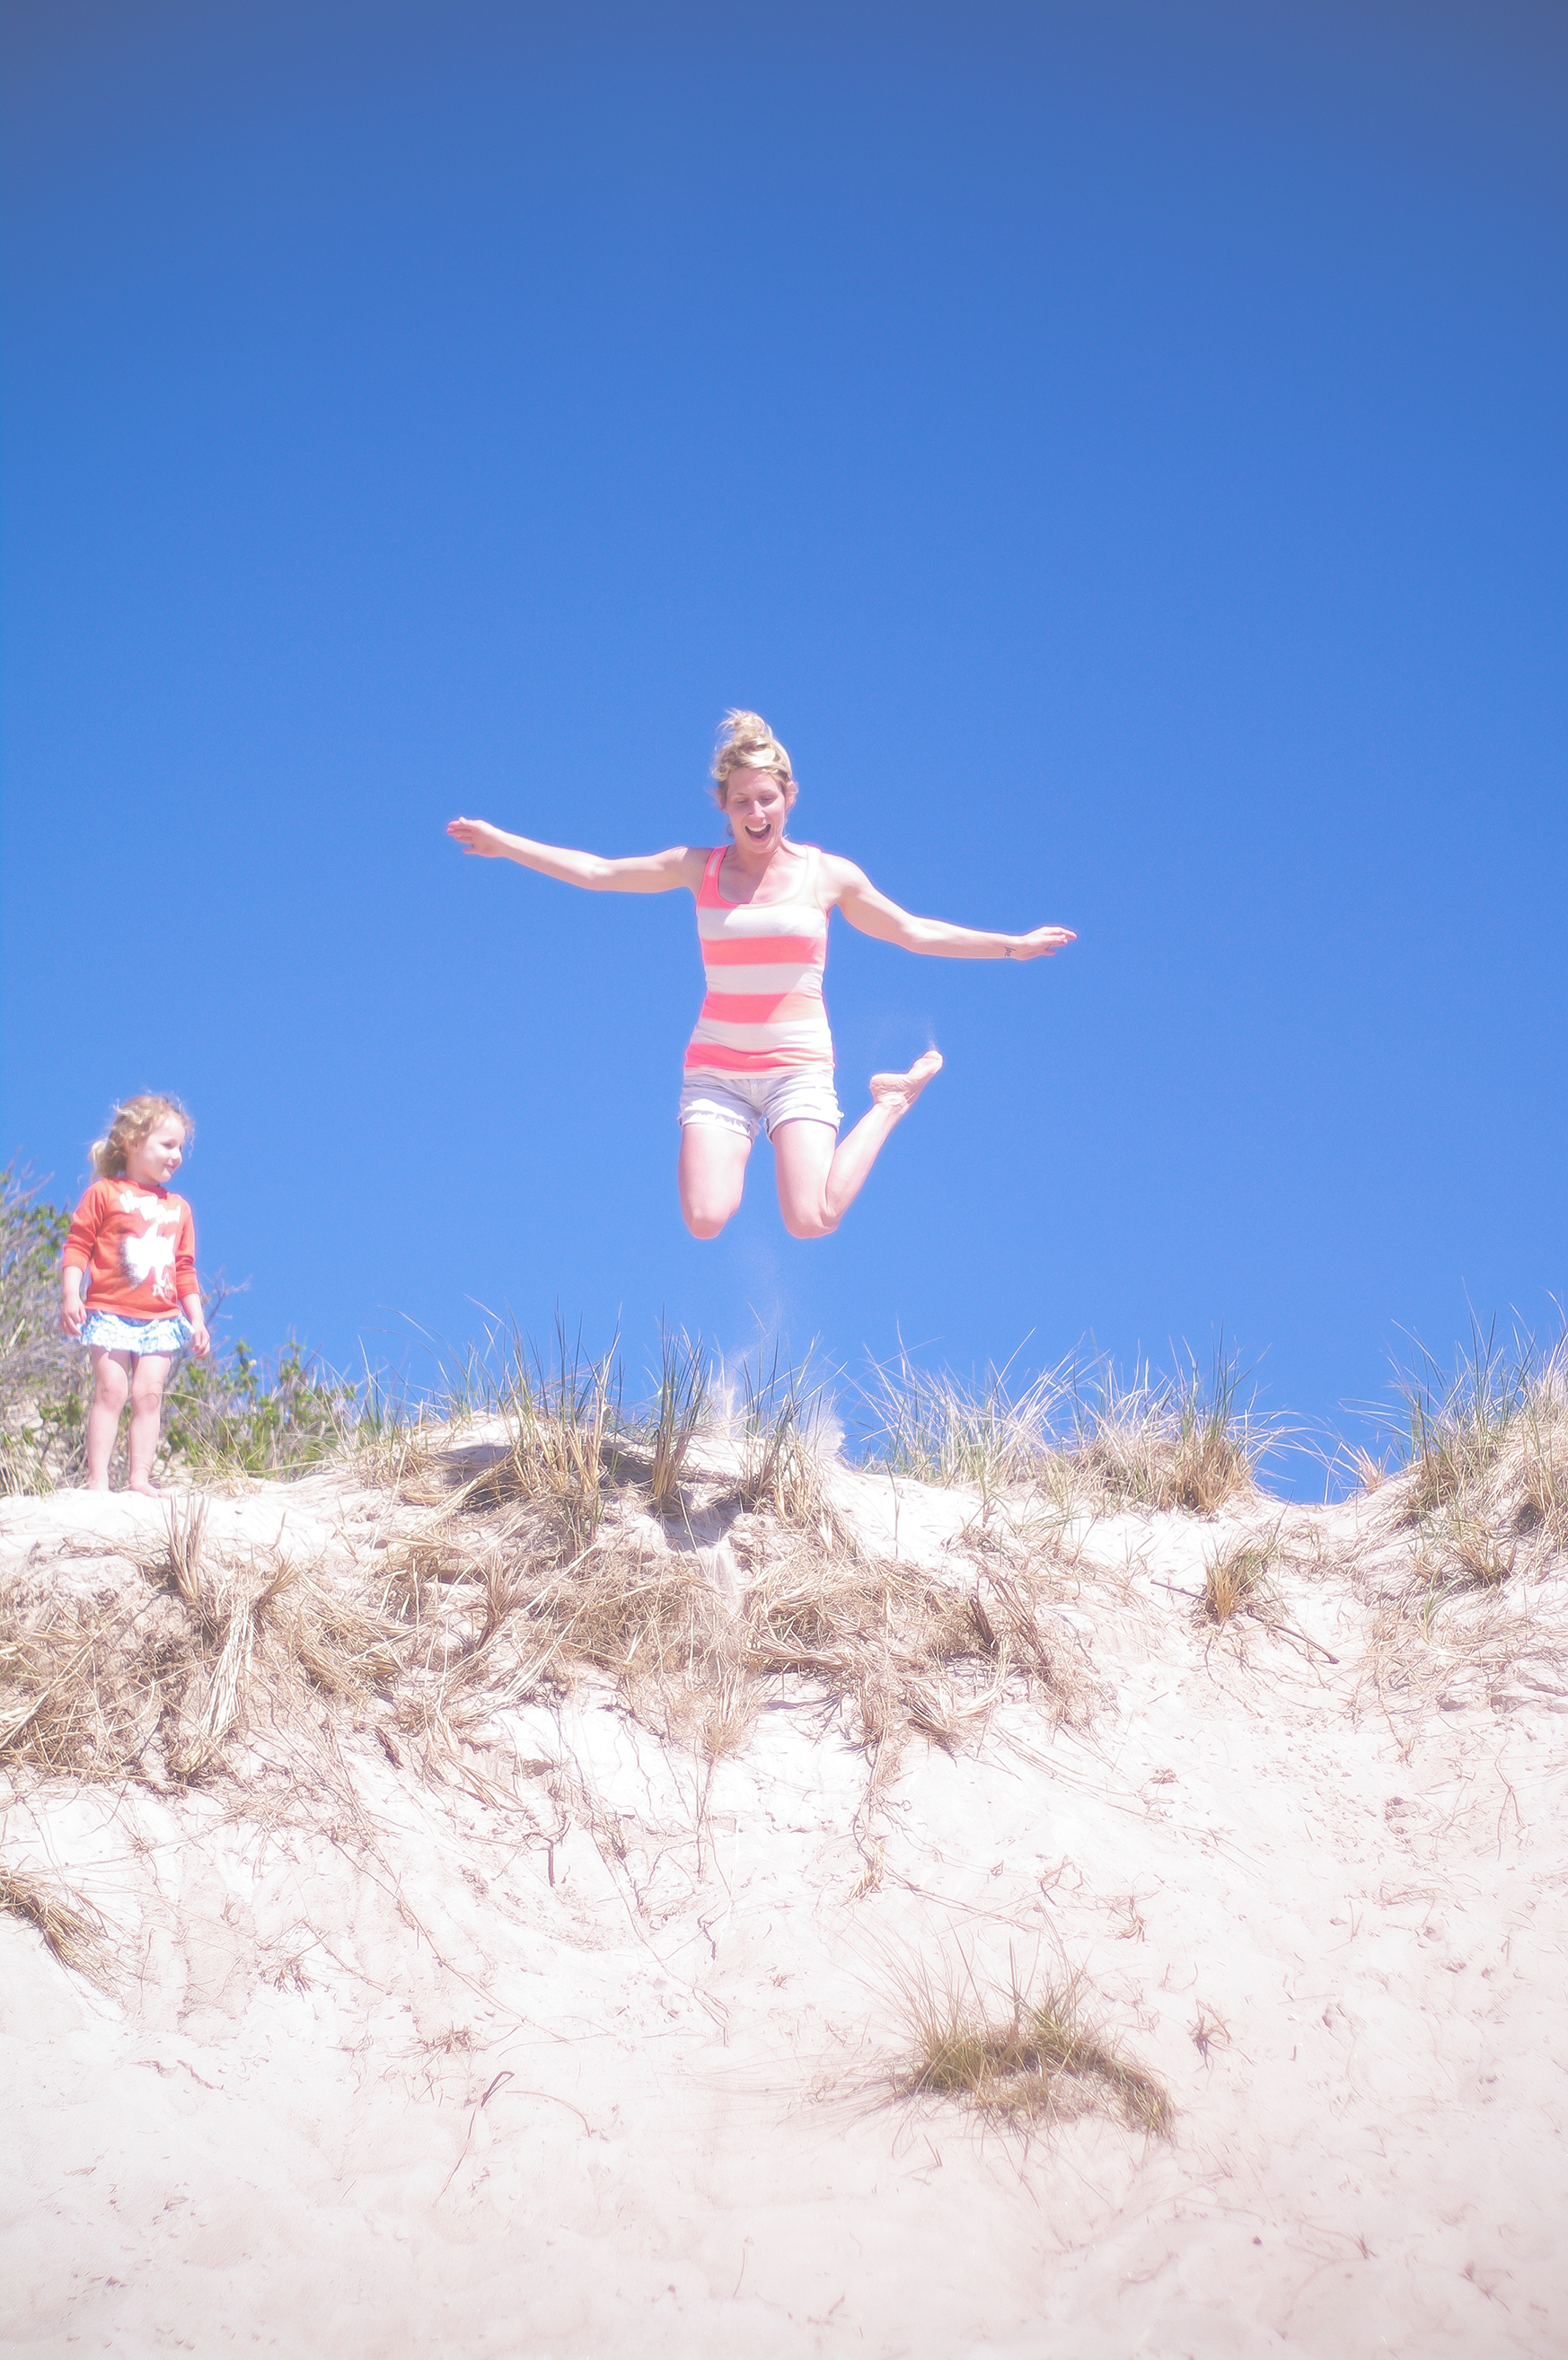 beachday-300dpi-1409(resized)